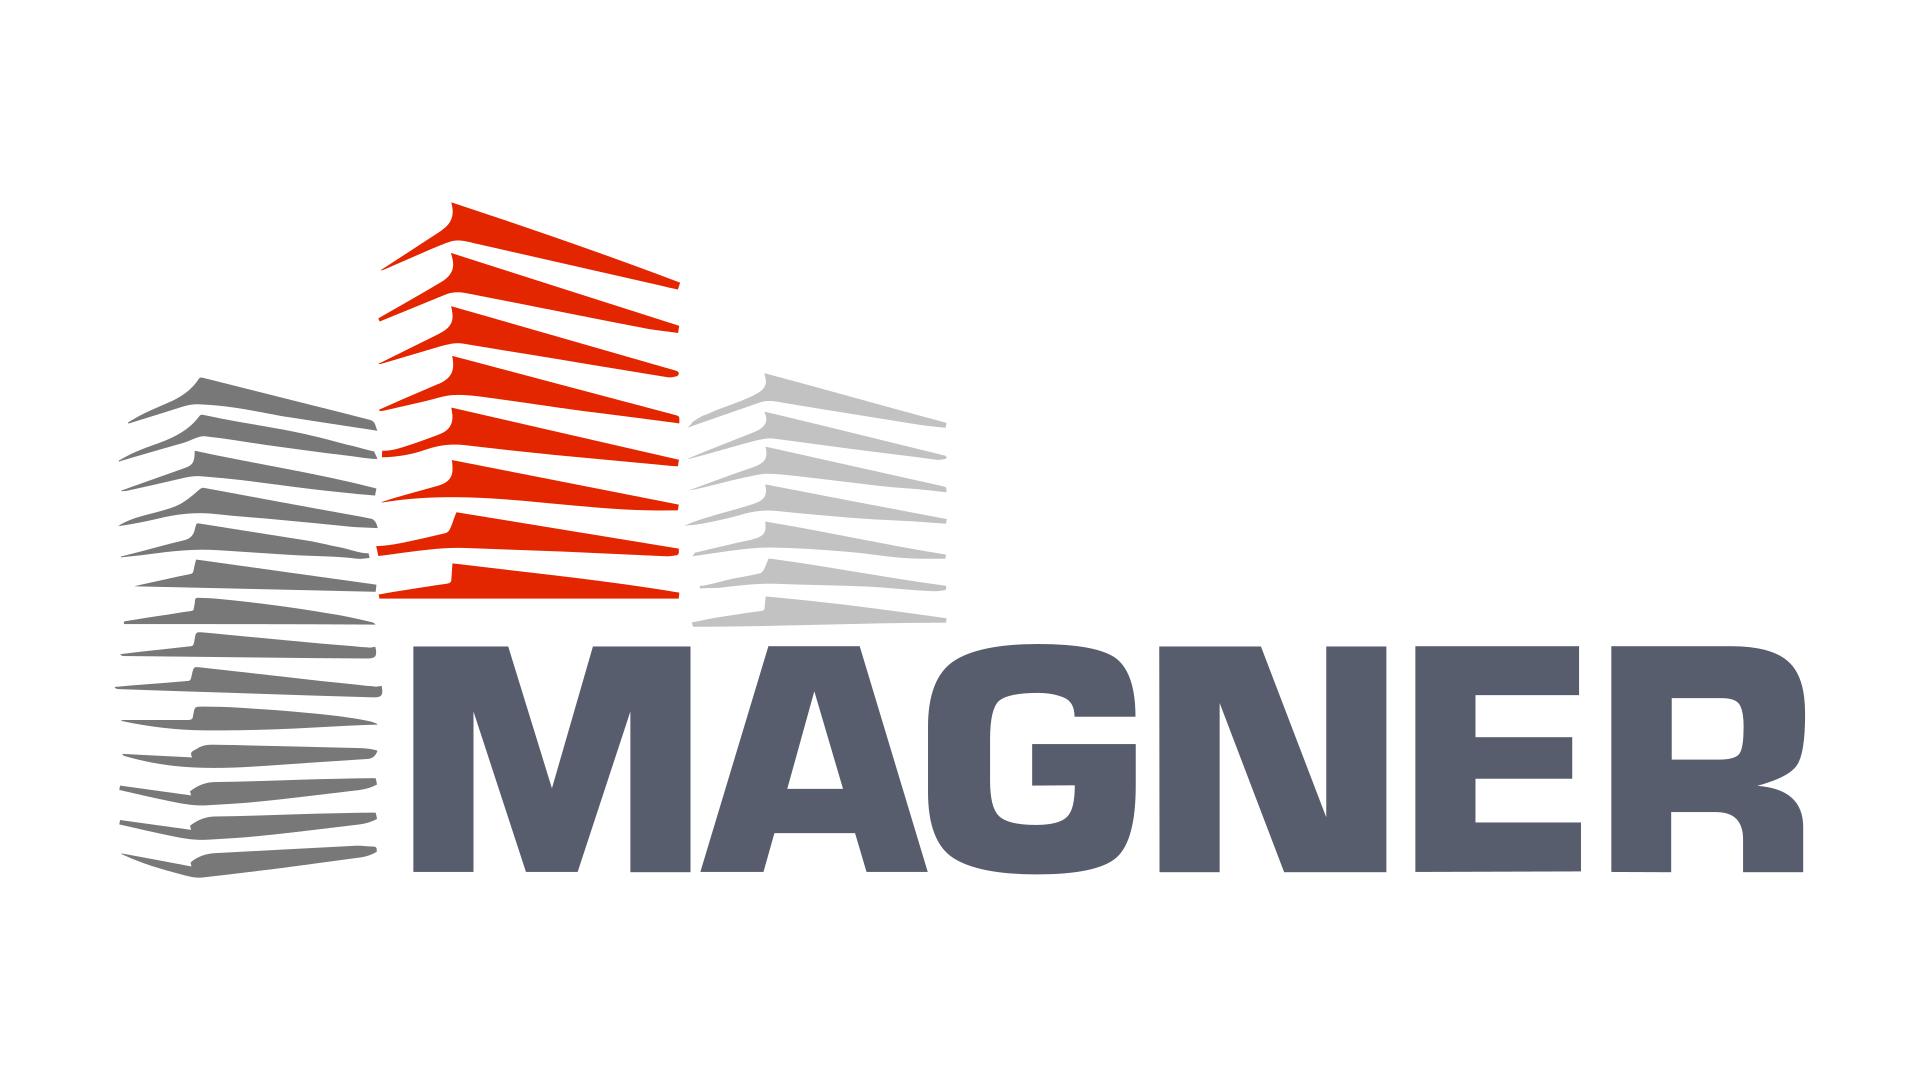 Magner - logotypu biura rachunkowego